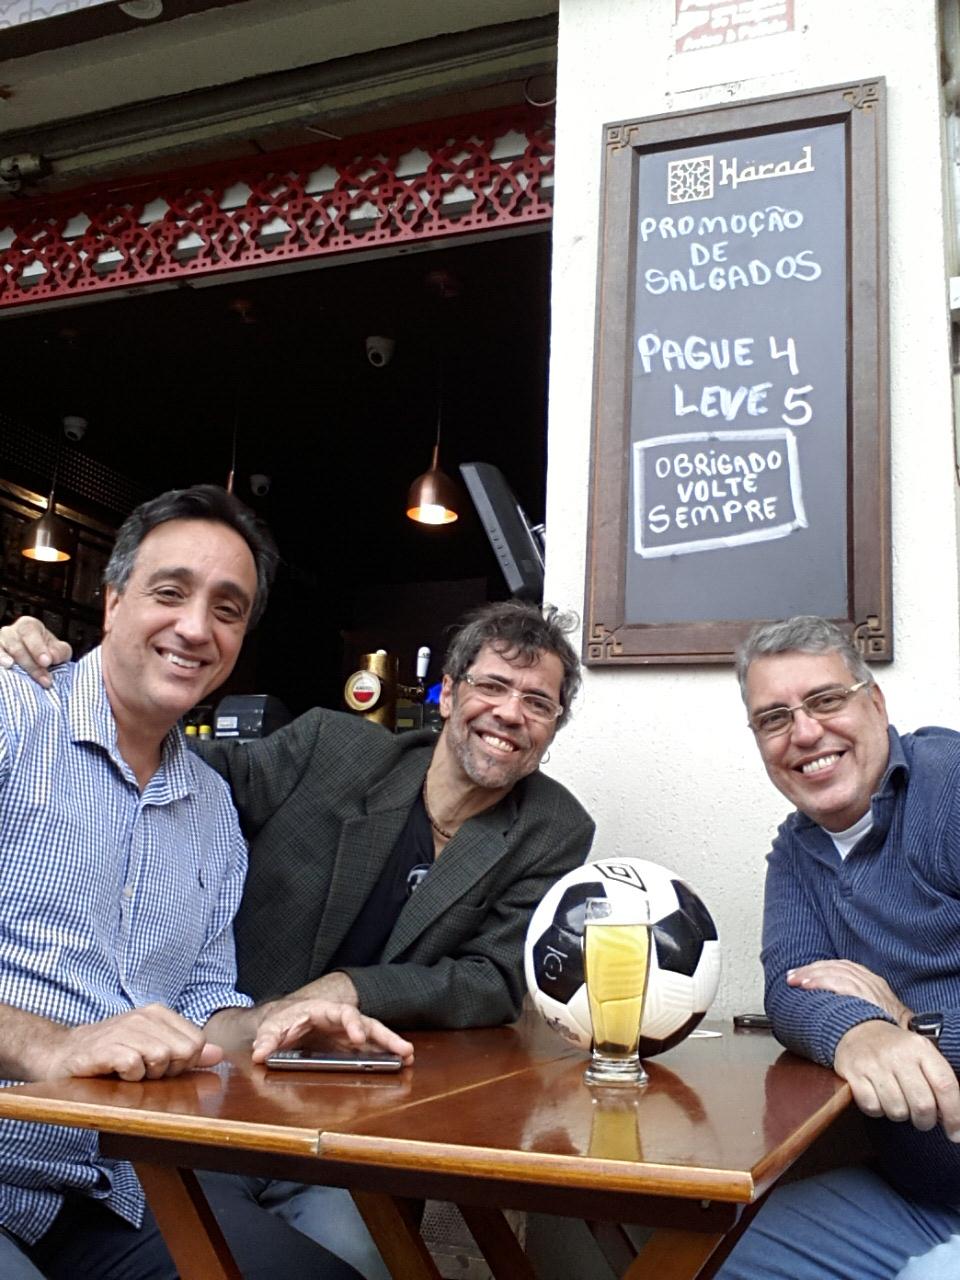 Cria de Santa Teresa, Sergio Pugliese bateu um papo com Claudio Duarte e Mauro Ferreira